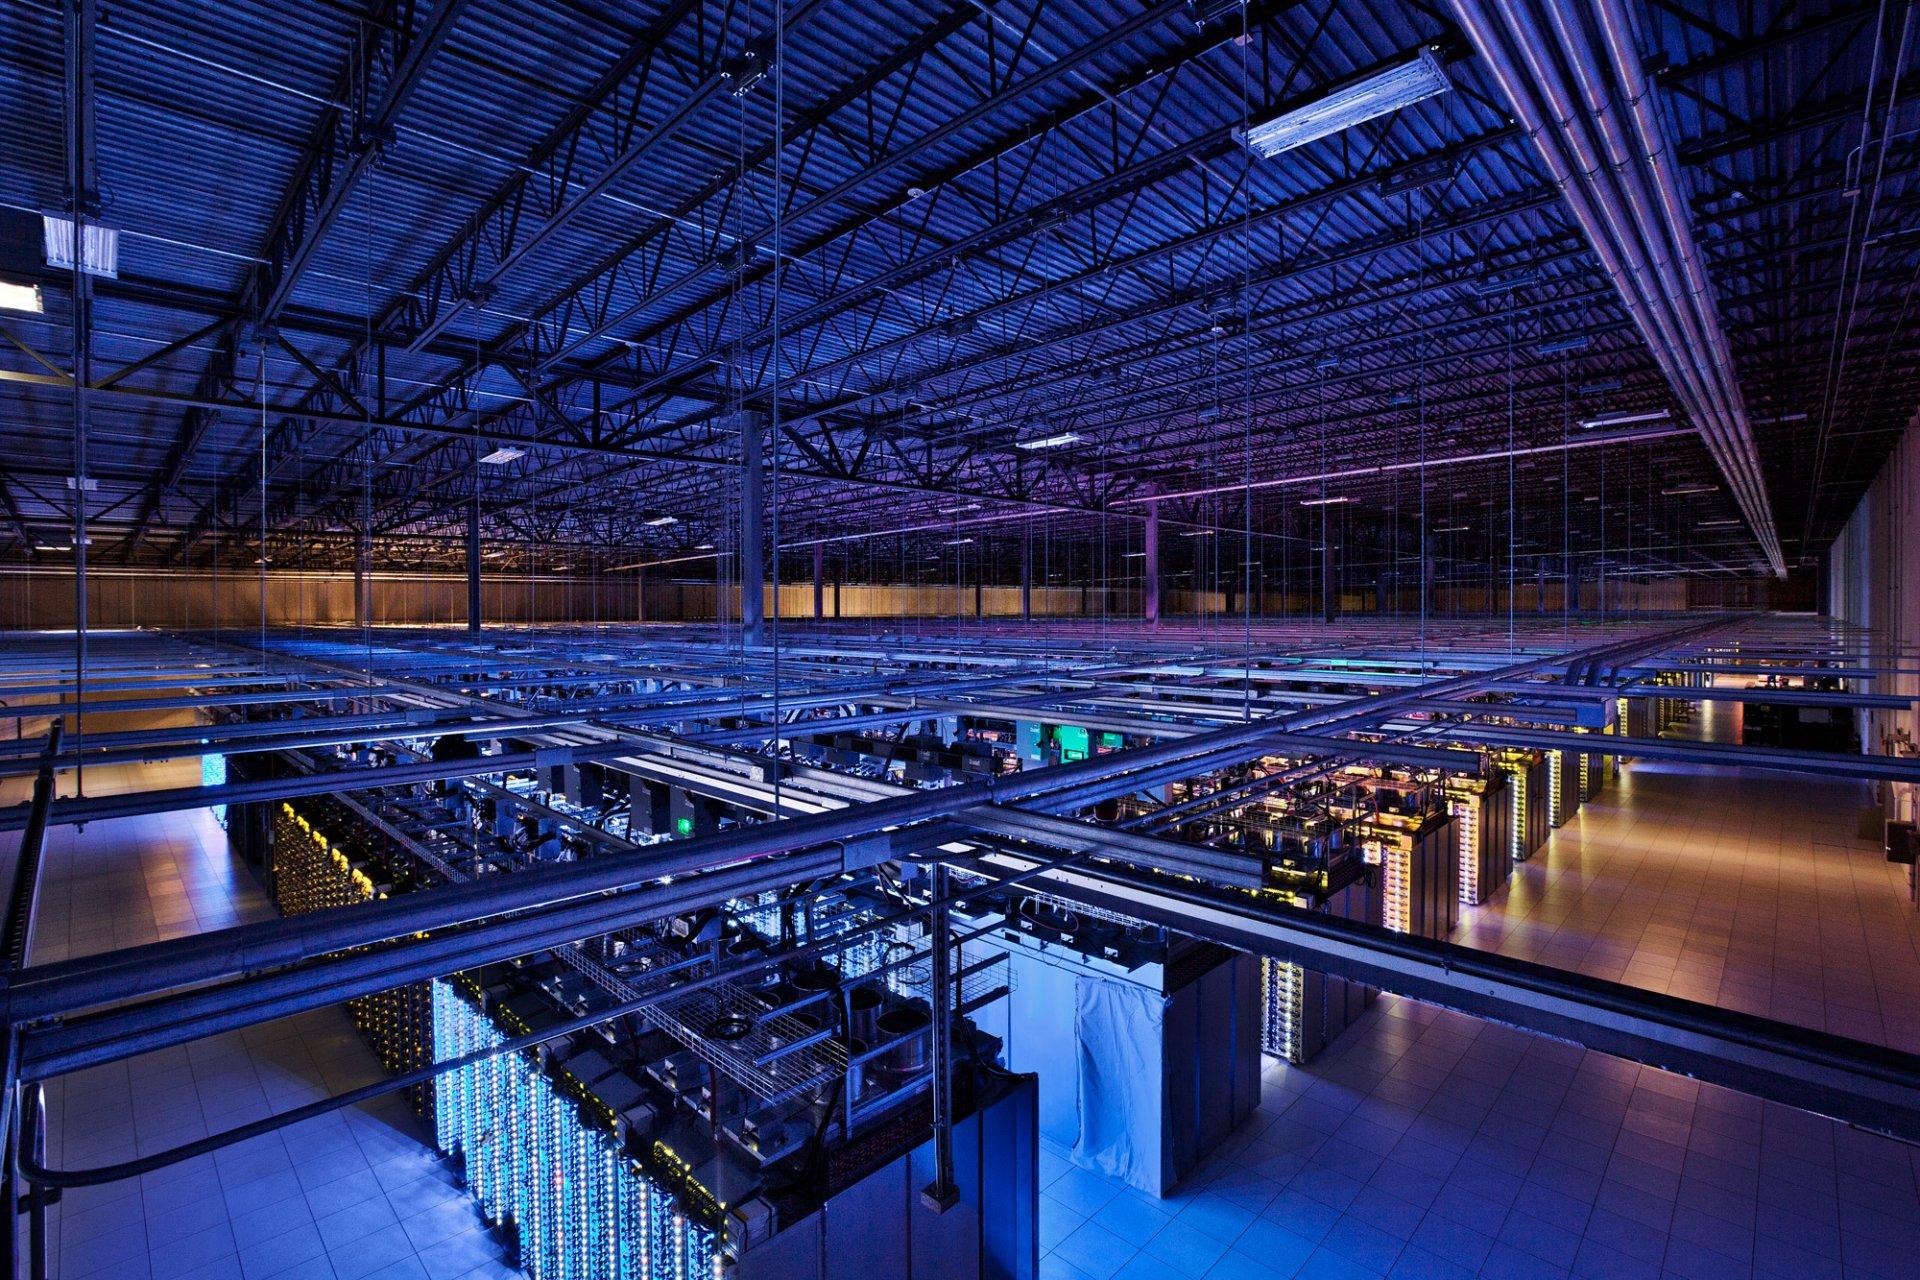 В Северной столице хотят создать огромную корпорацию по обработке данных